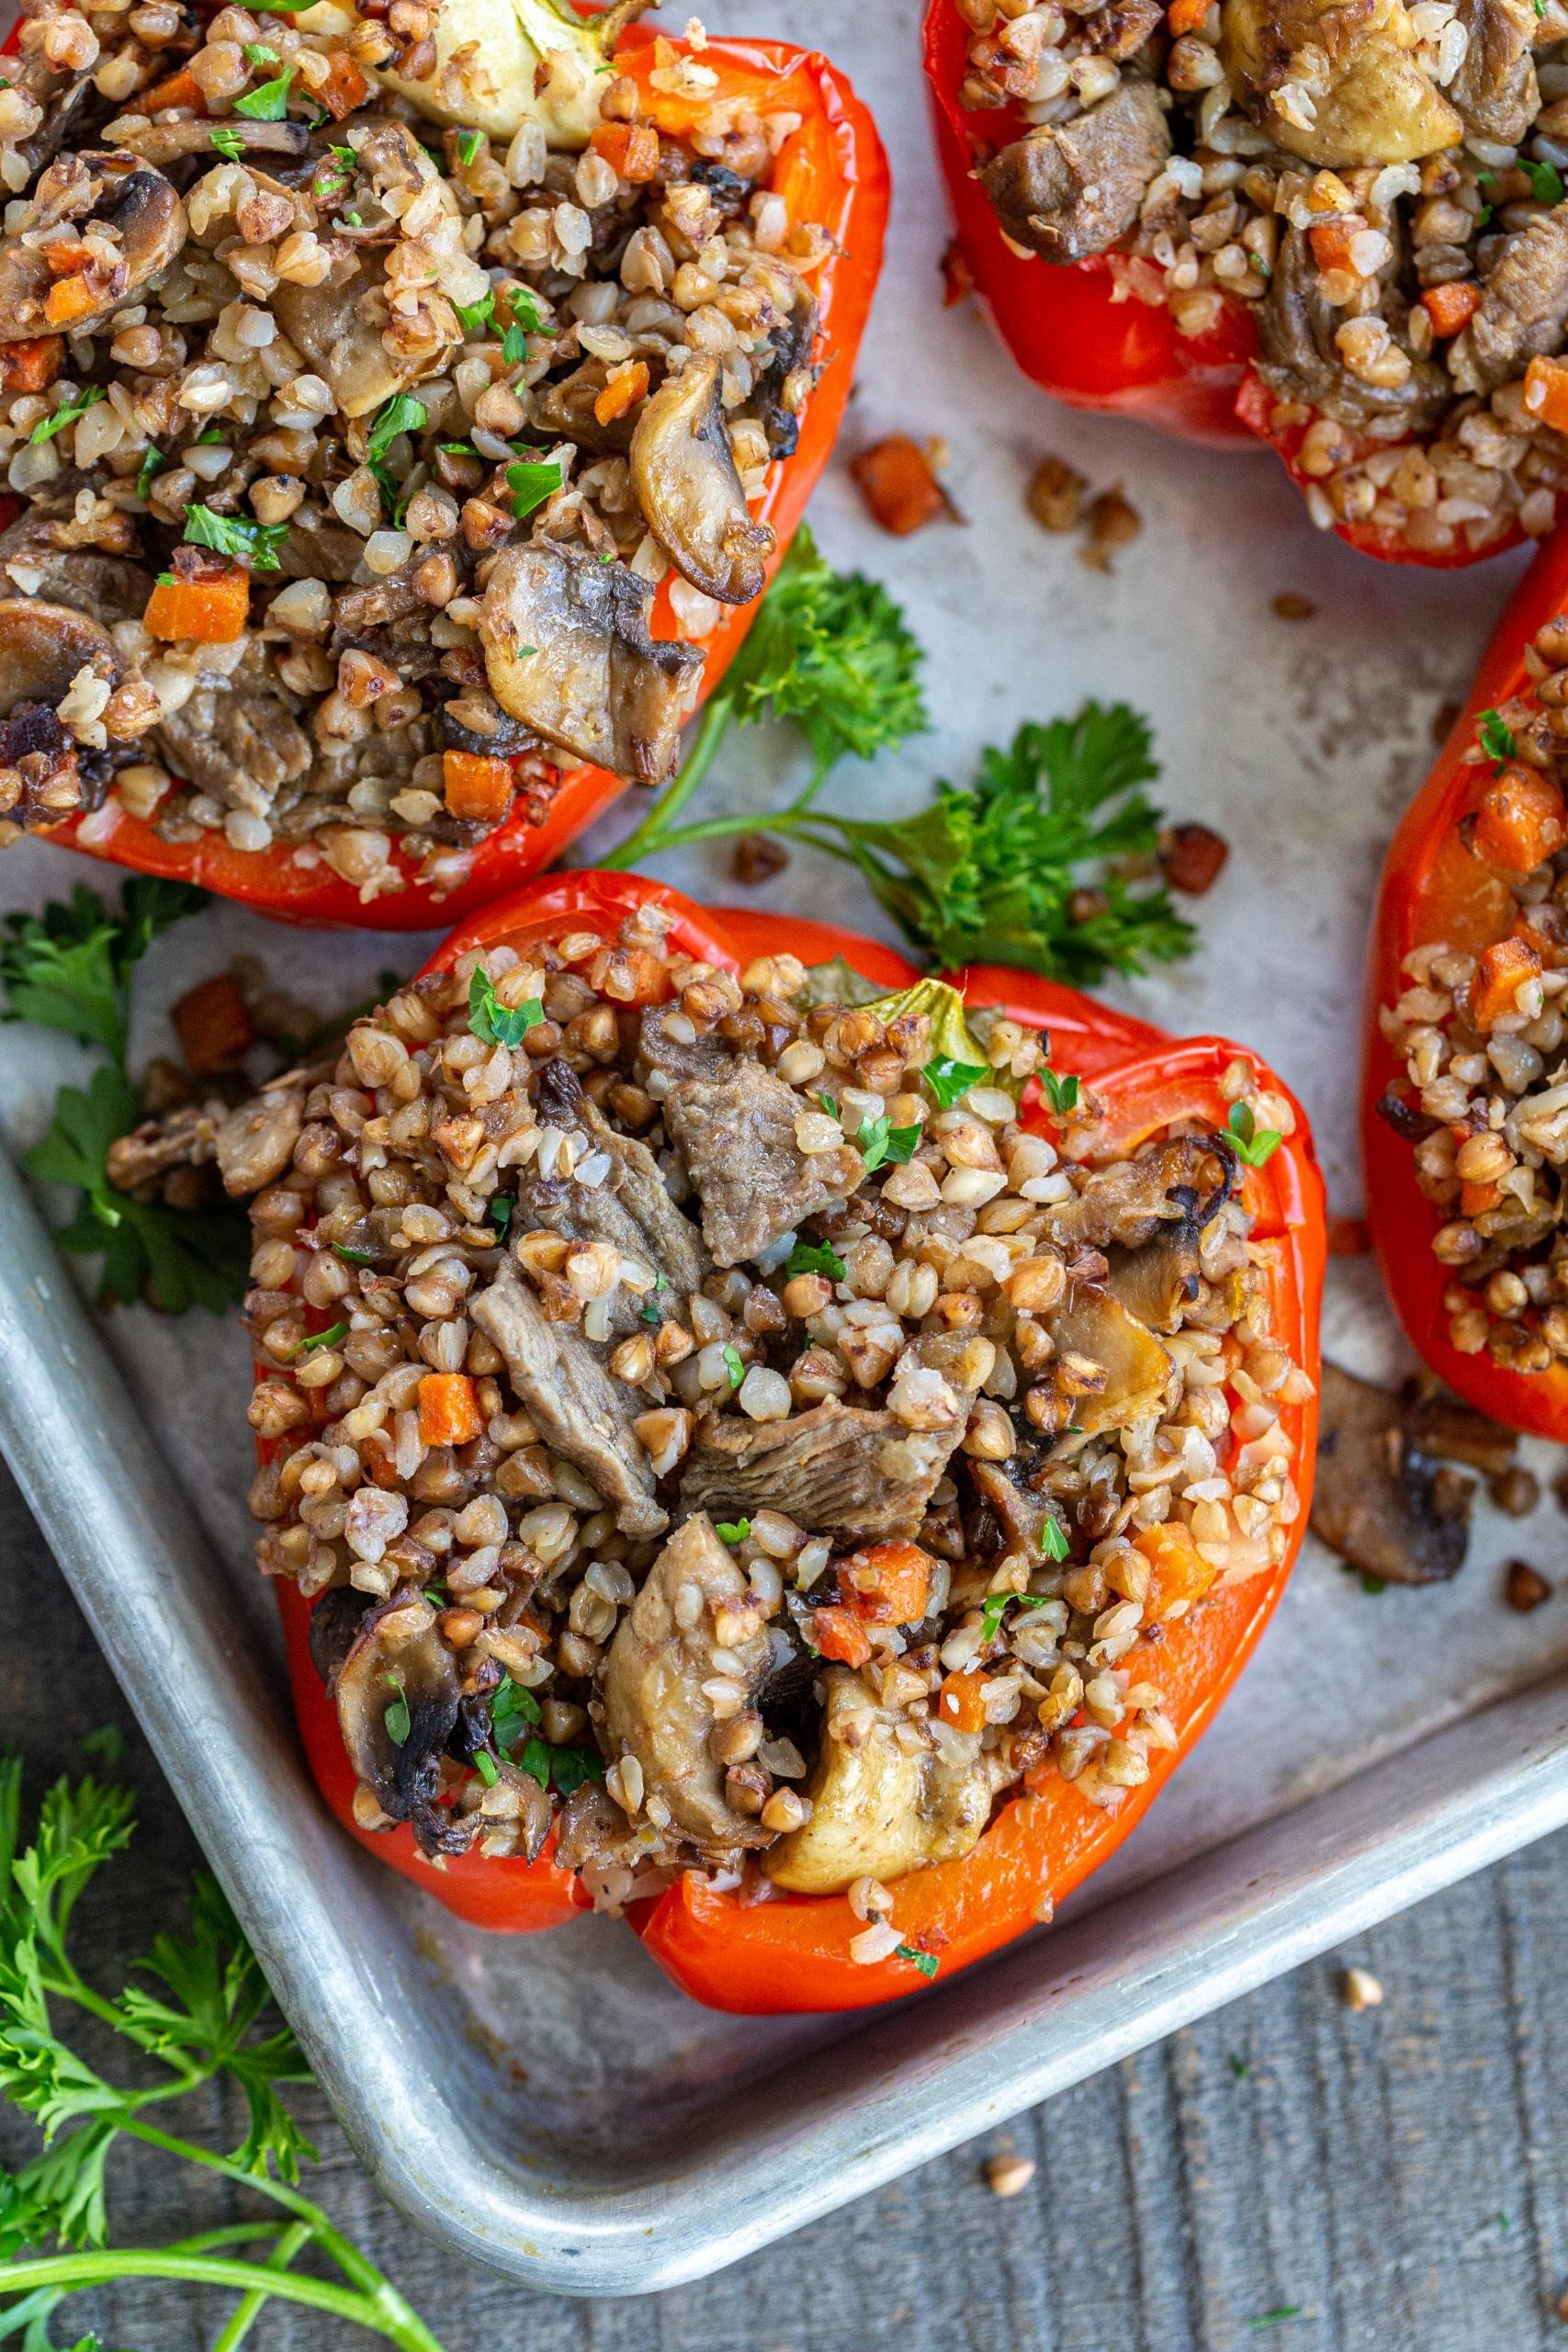 Stuffed Peppers with buckwheat